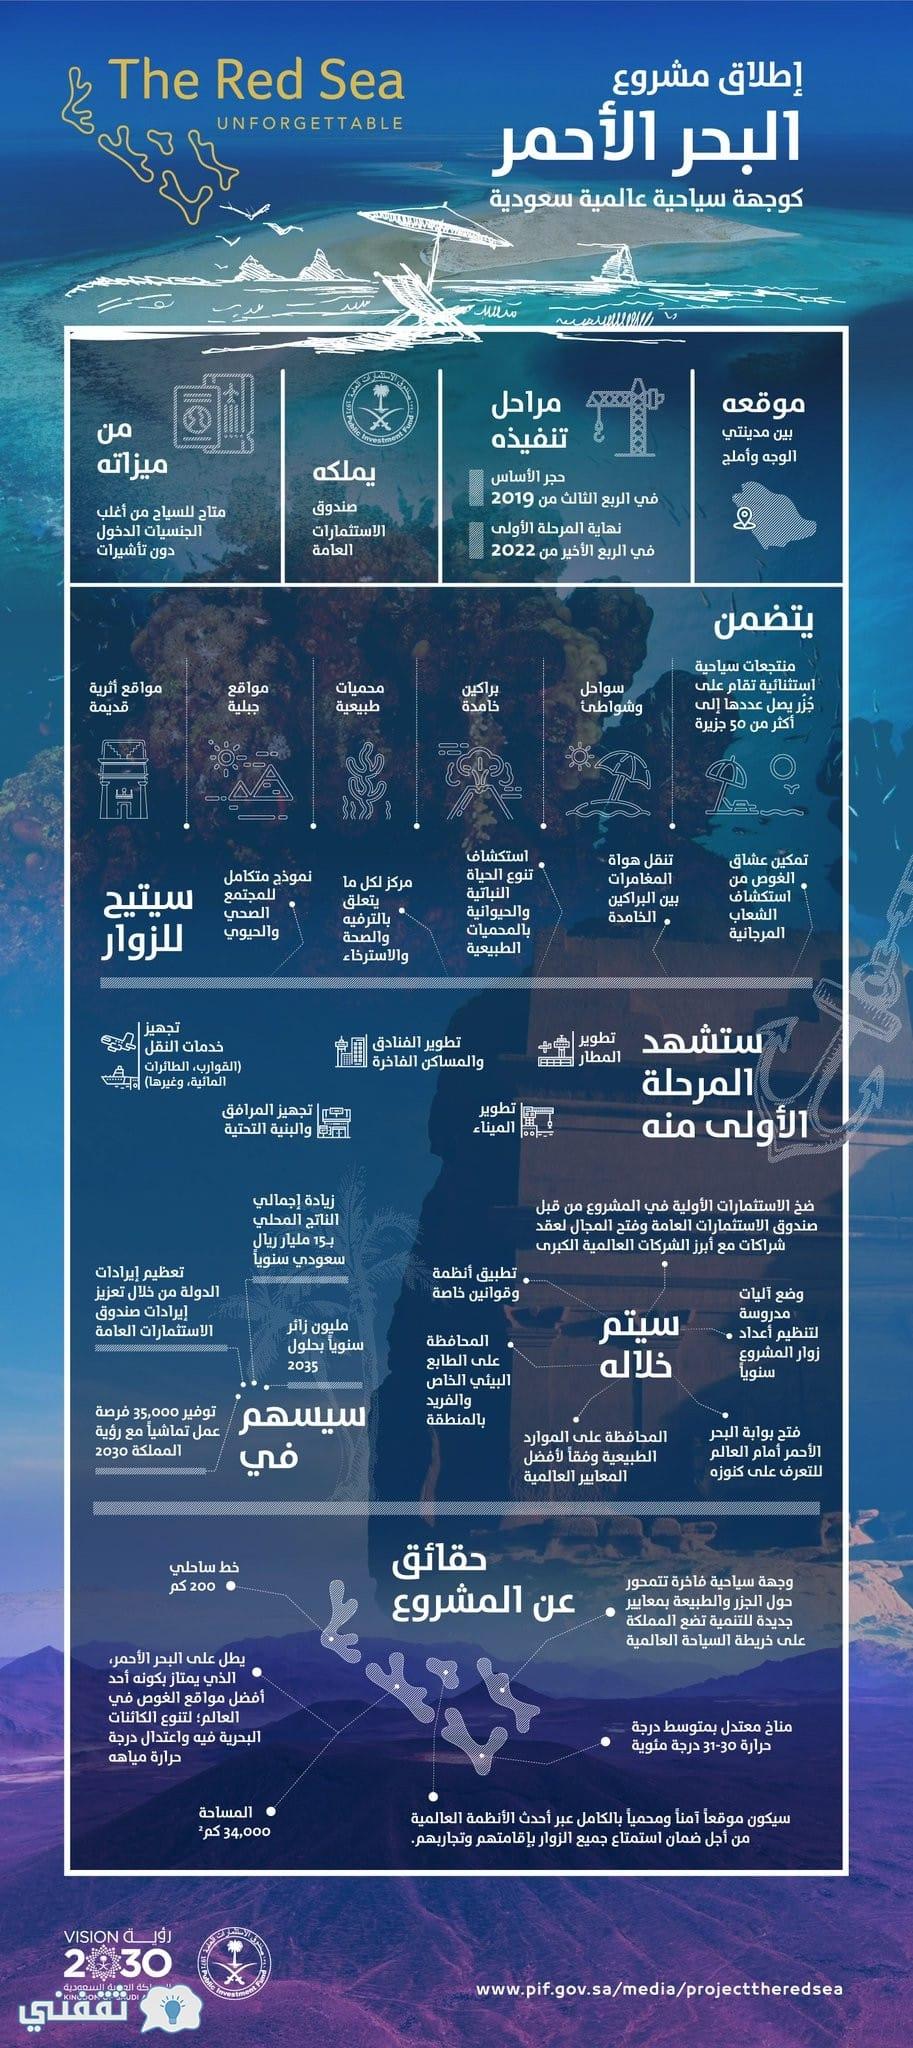 مشروع البحر الاحمر كامل التفاصيل